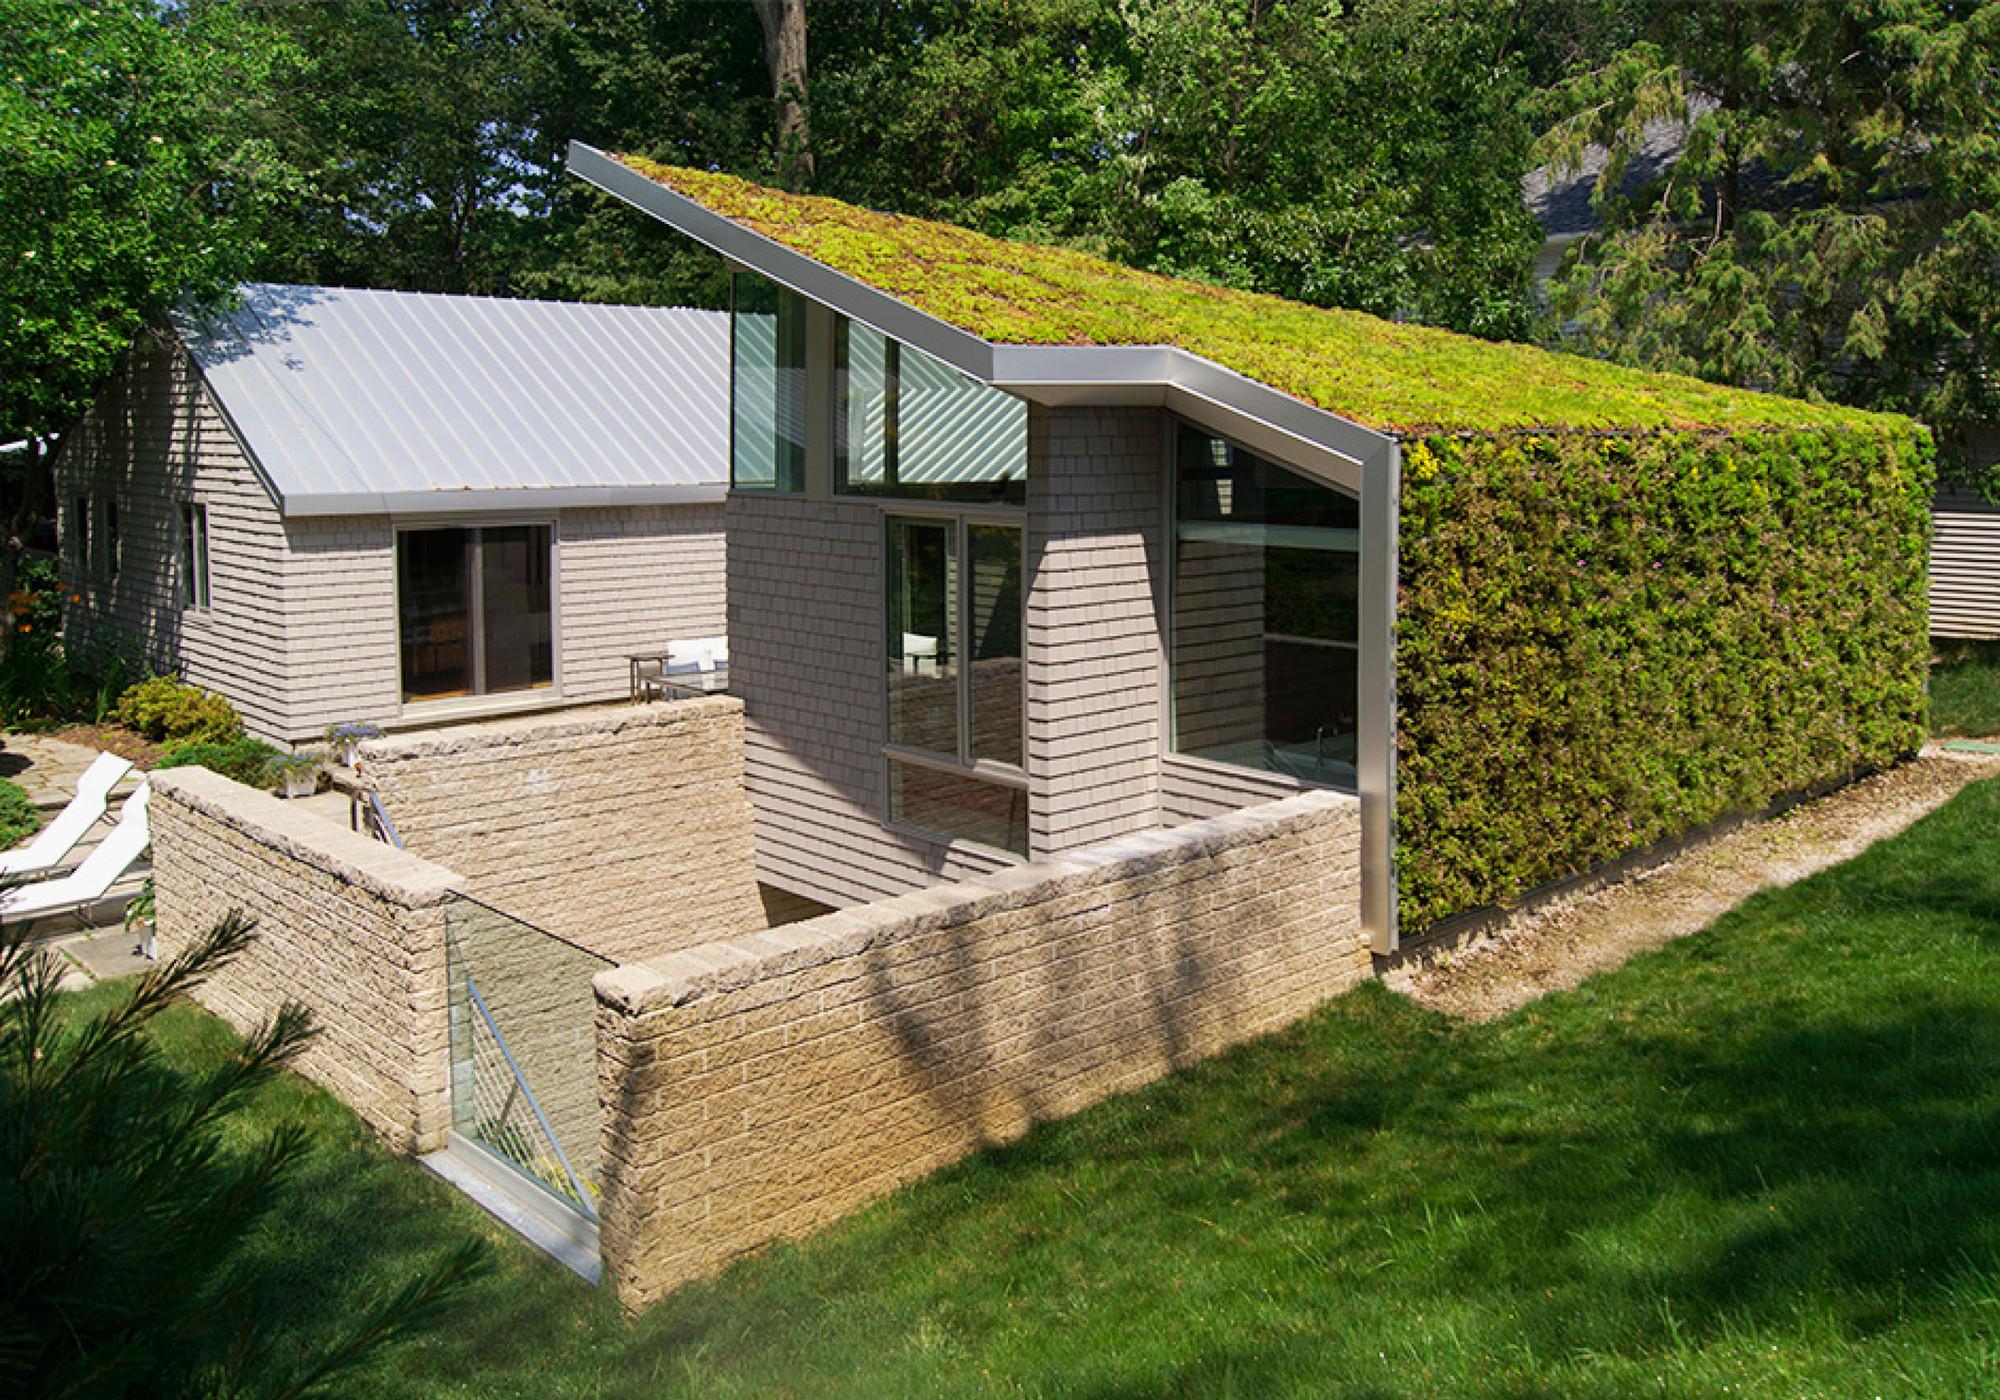 Brahler Residence / Robert Maschke Architects, © Eric Hanson